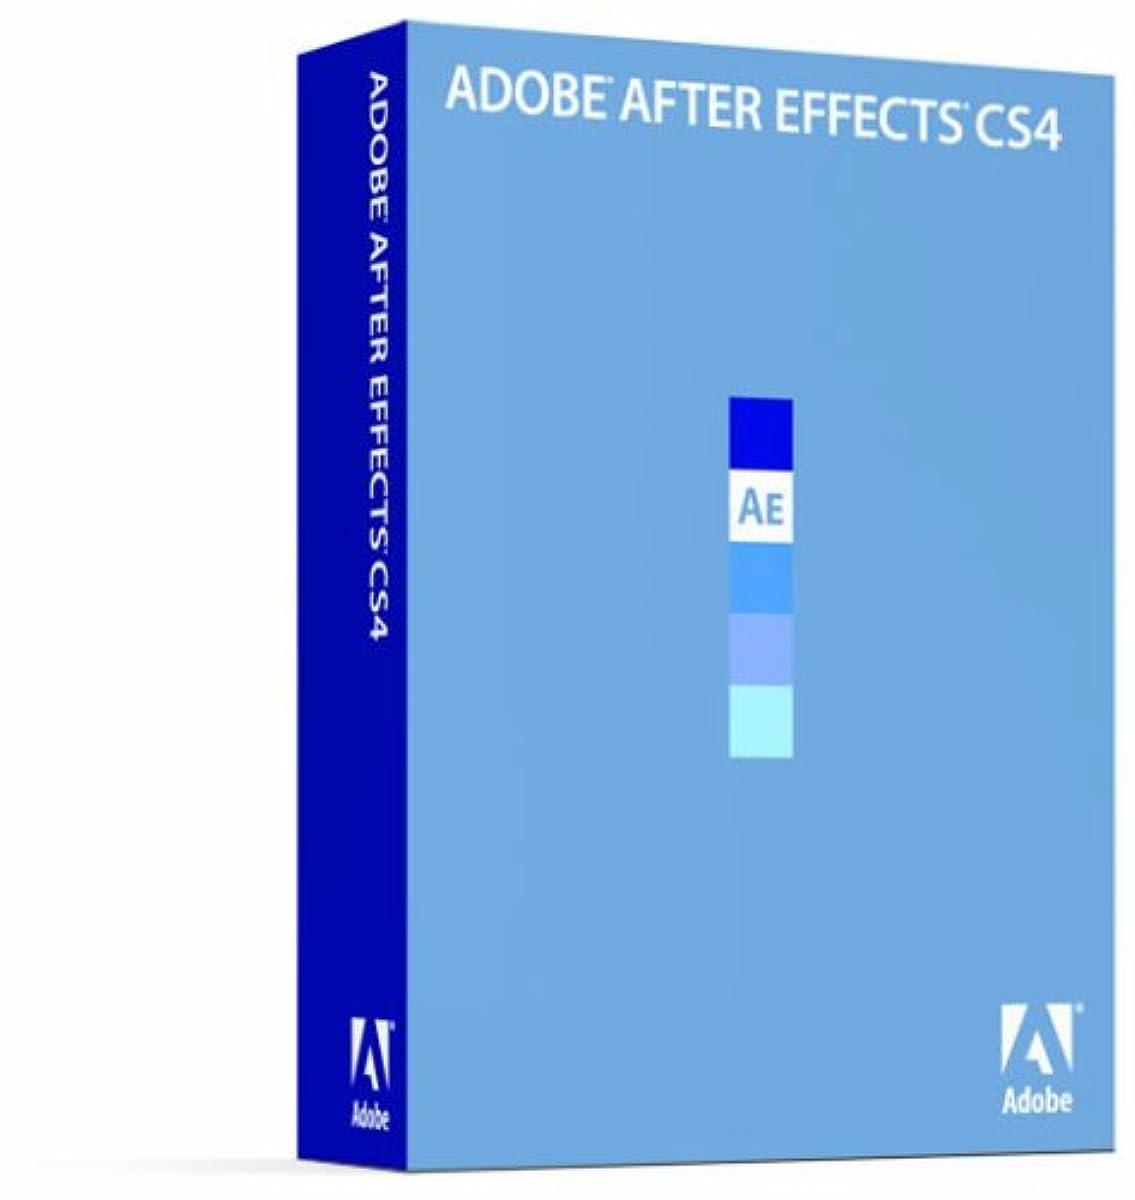 差別化する好奇心盛たまにAdobe After Effects CS4 (V9.0) 日本語版 Macintosh版 (旧製品)